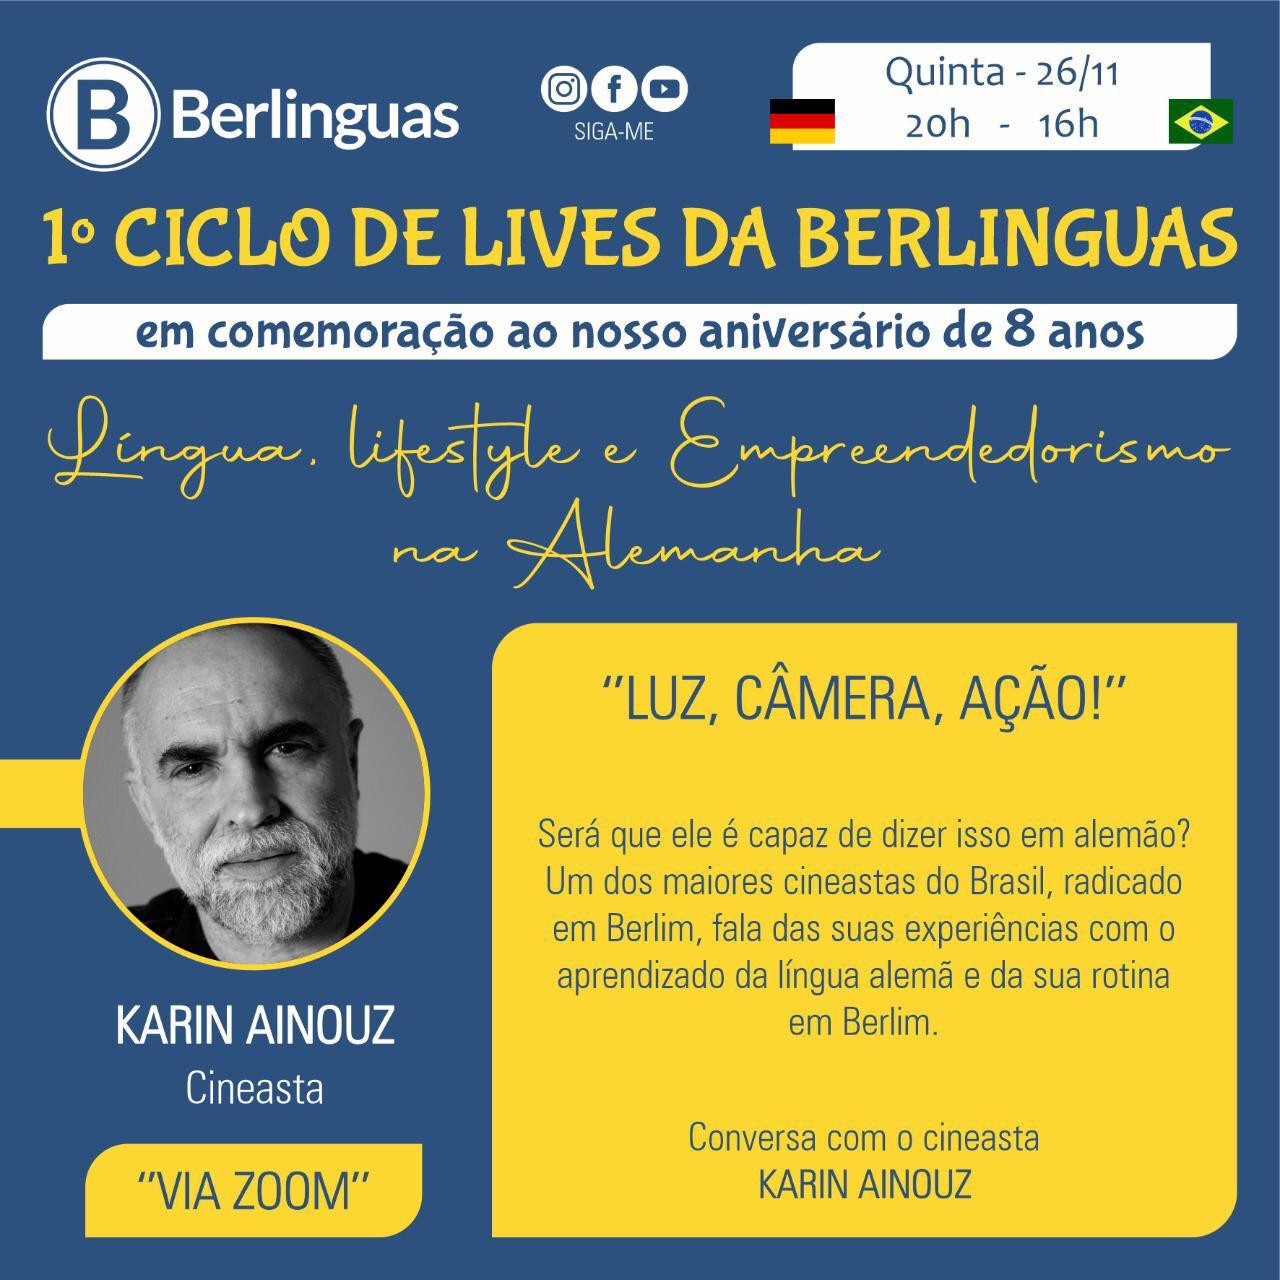 1-ciclo-de-lives-da-berlinguas-karin-ainouz